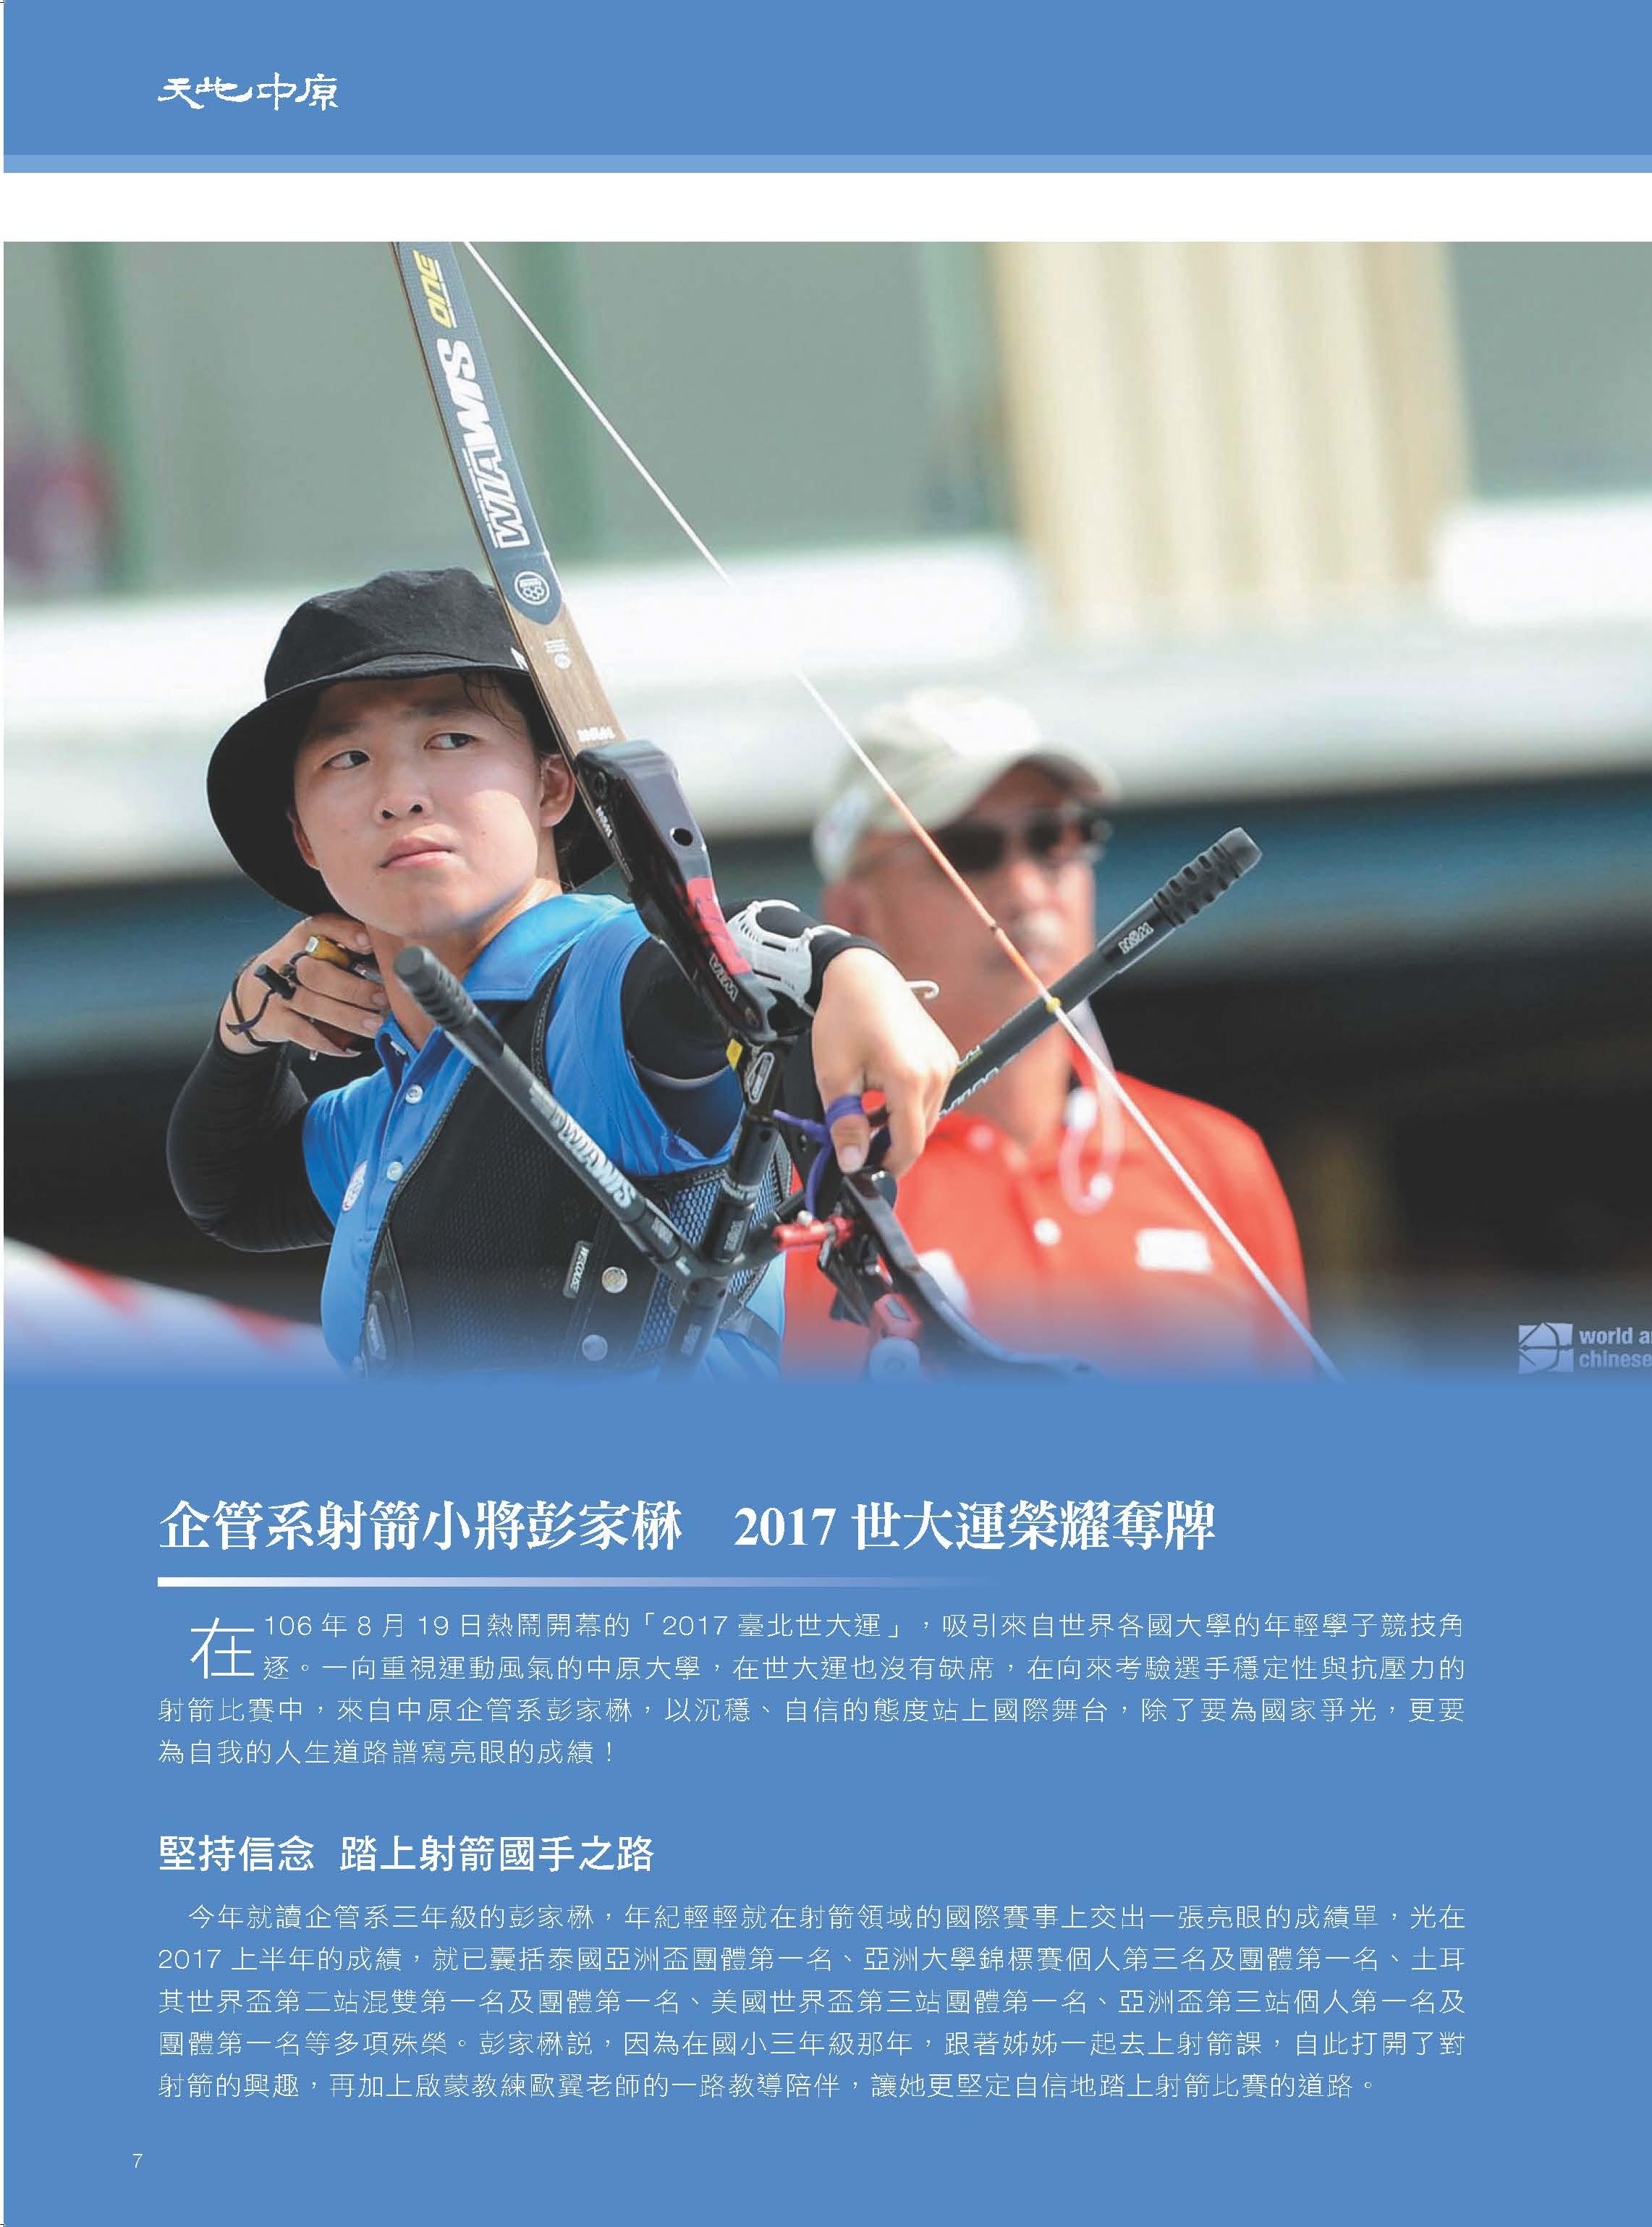 企管系射箭小將彭家楙   2017世大運榮耀奪牌